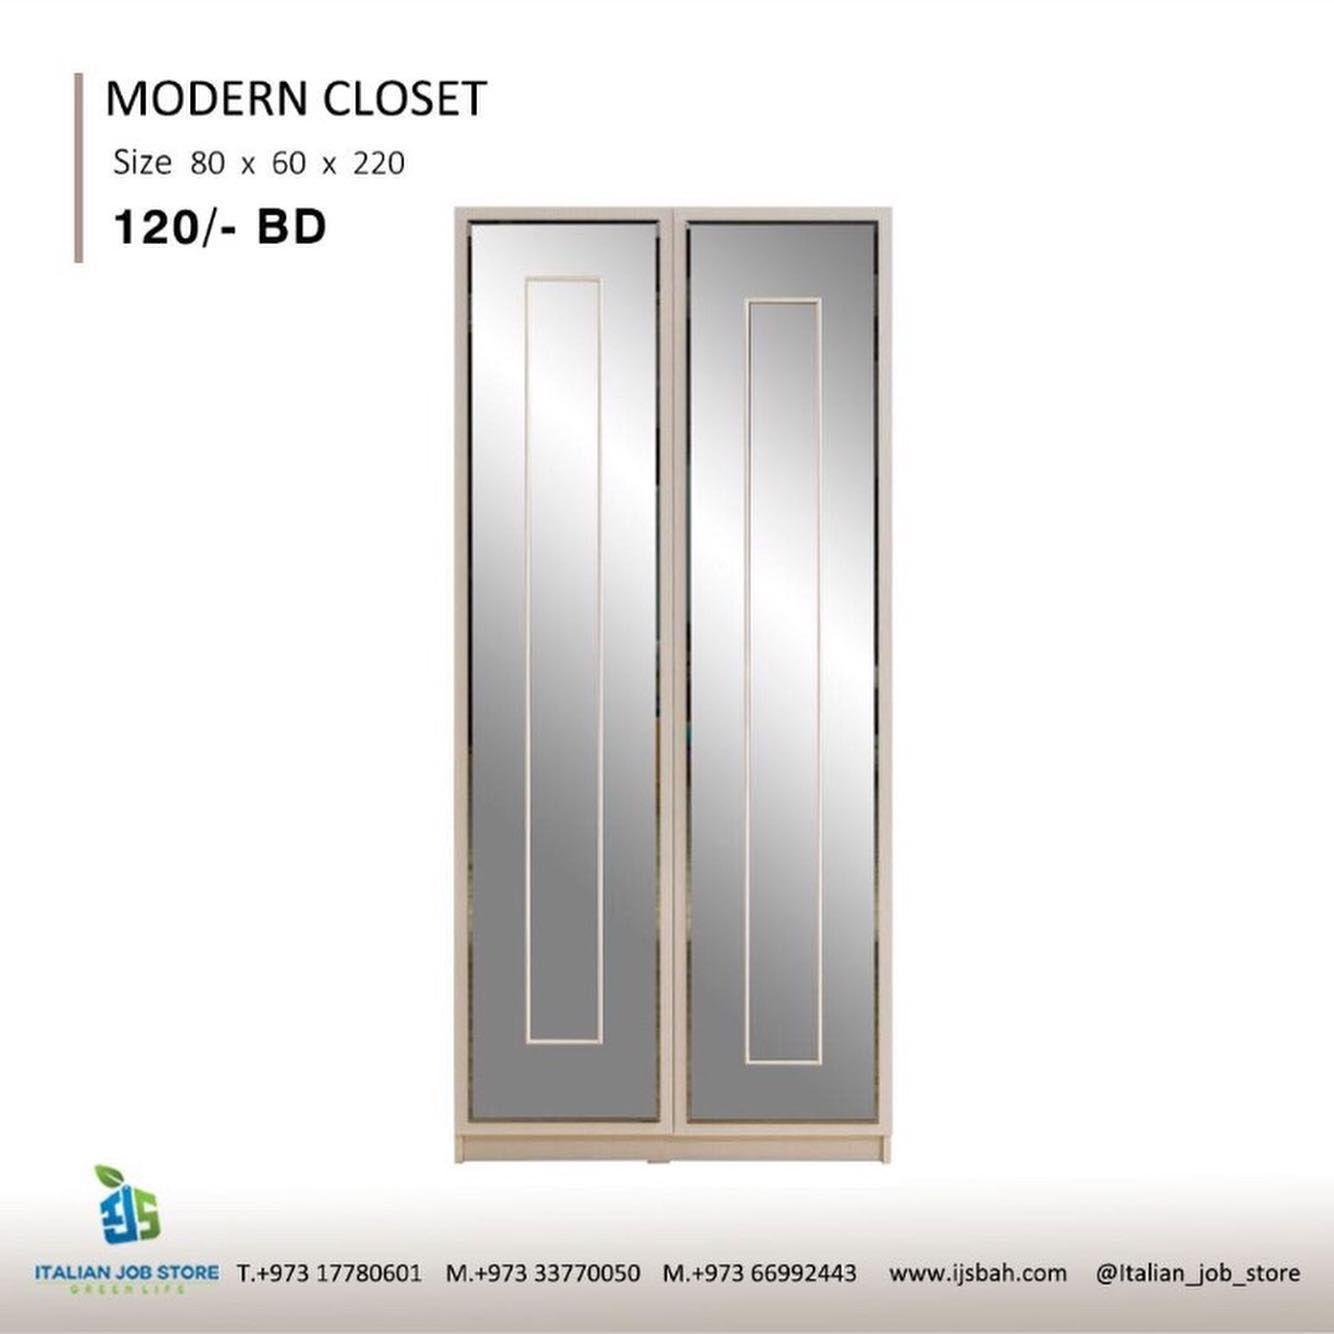 باب زجاج شفاف Glass Door Locker Storage Bathroom Medicine Cabinet